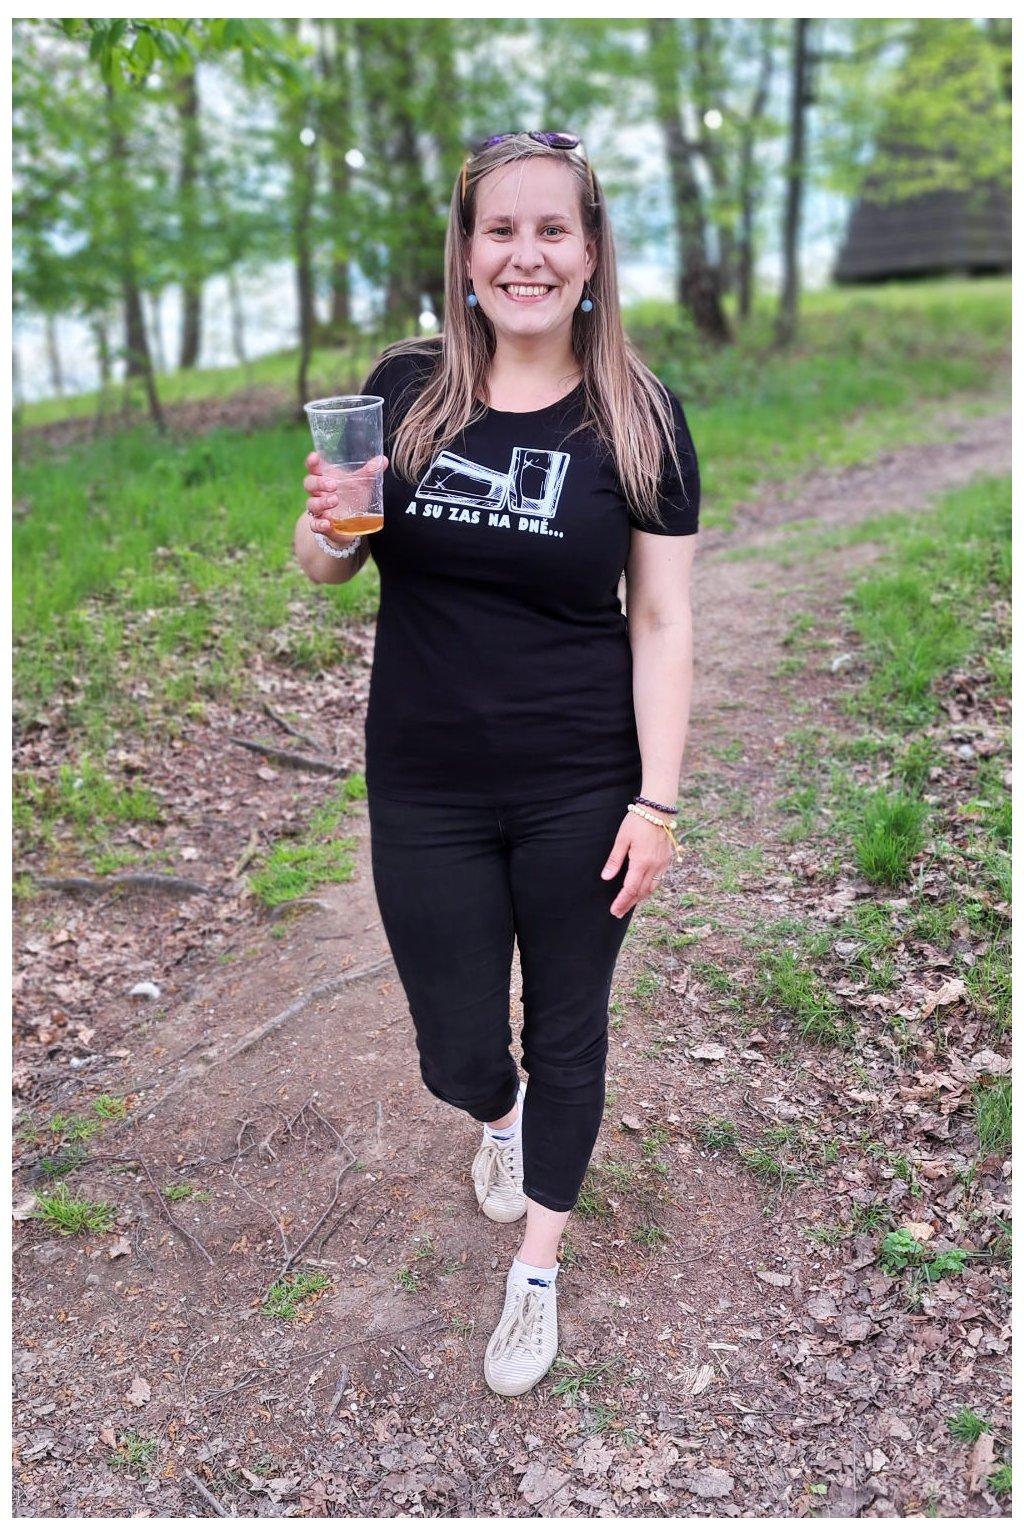 A su zas na dně tričko růžové